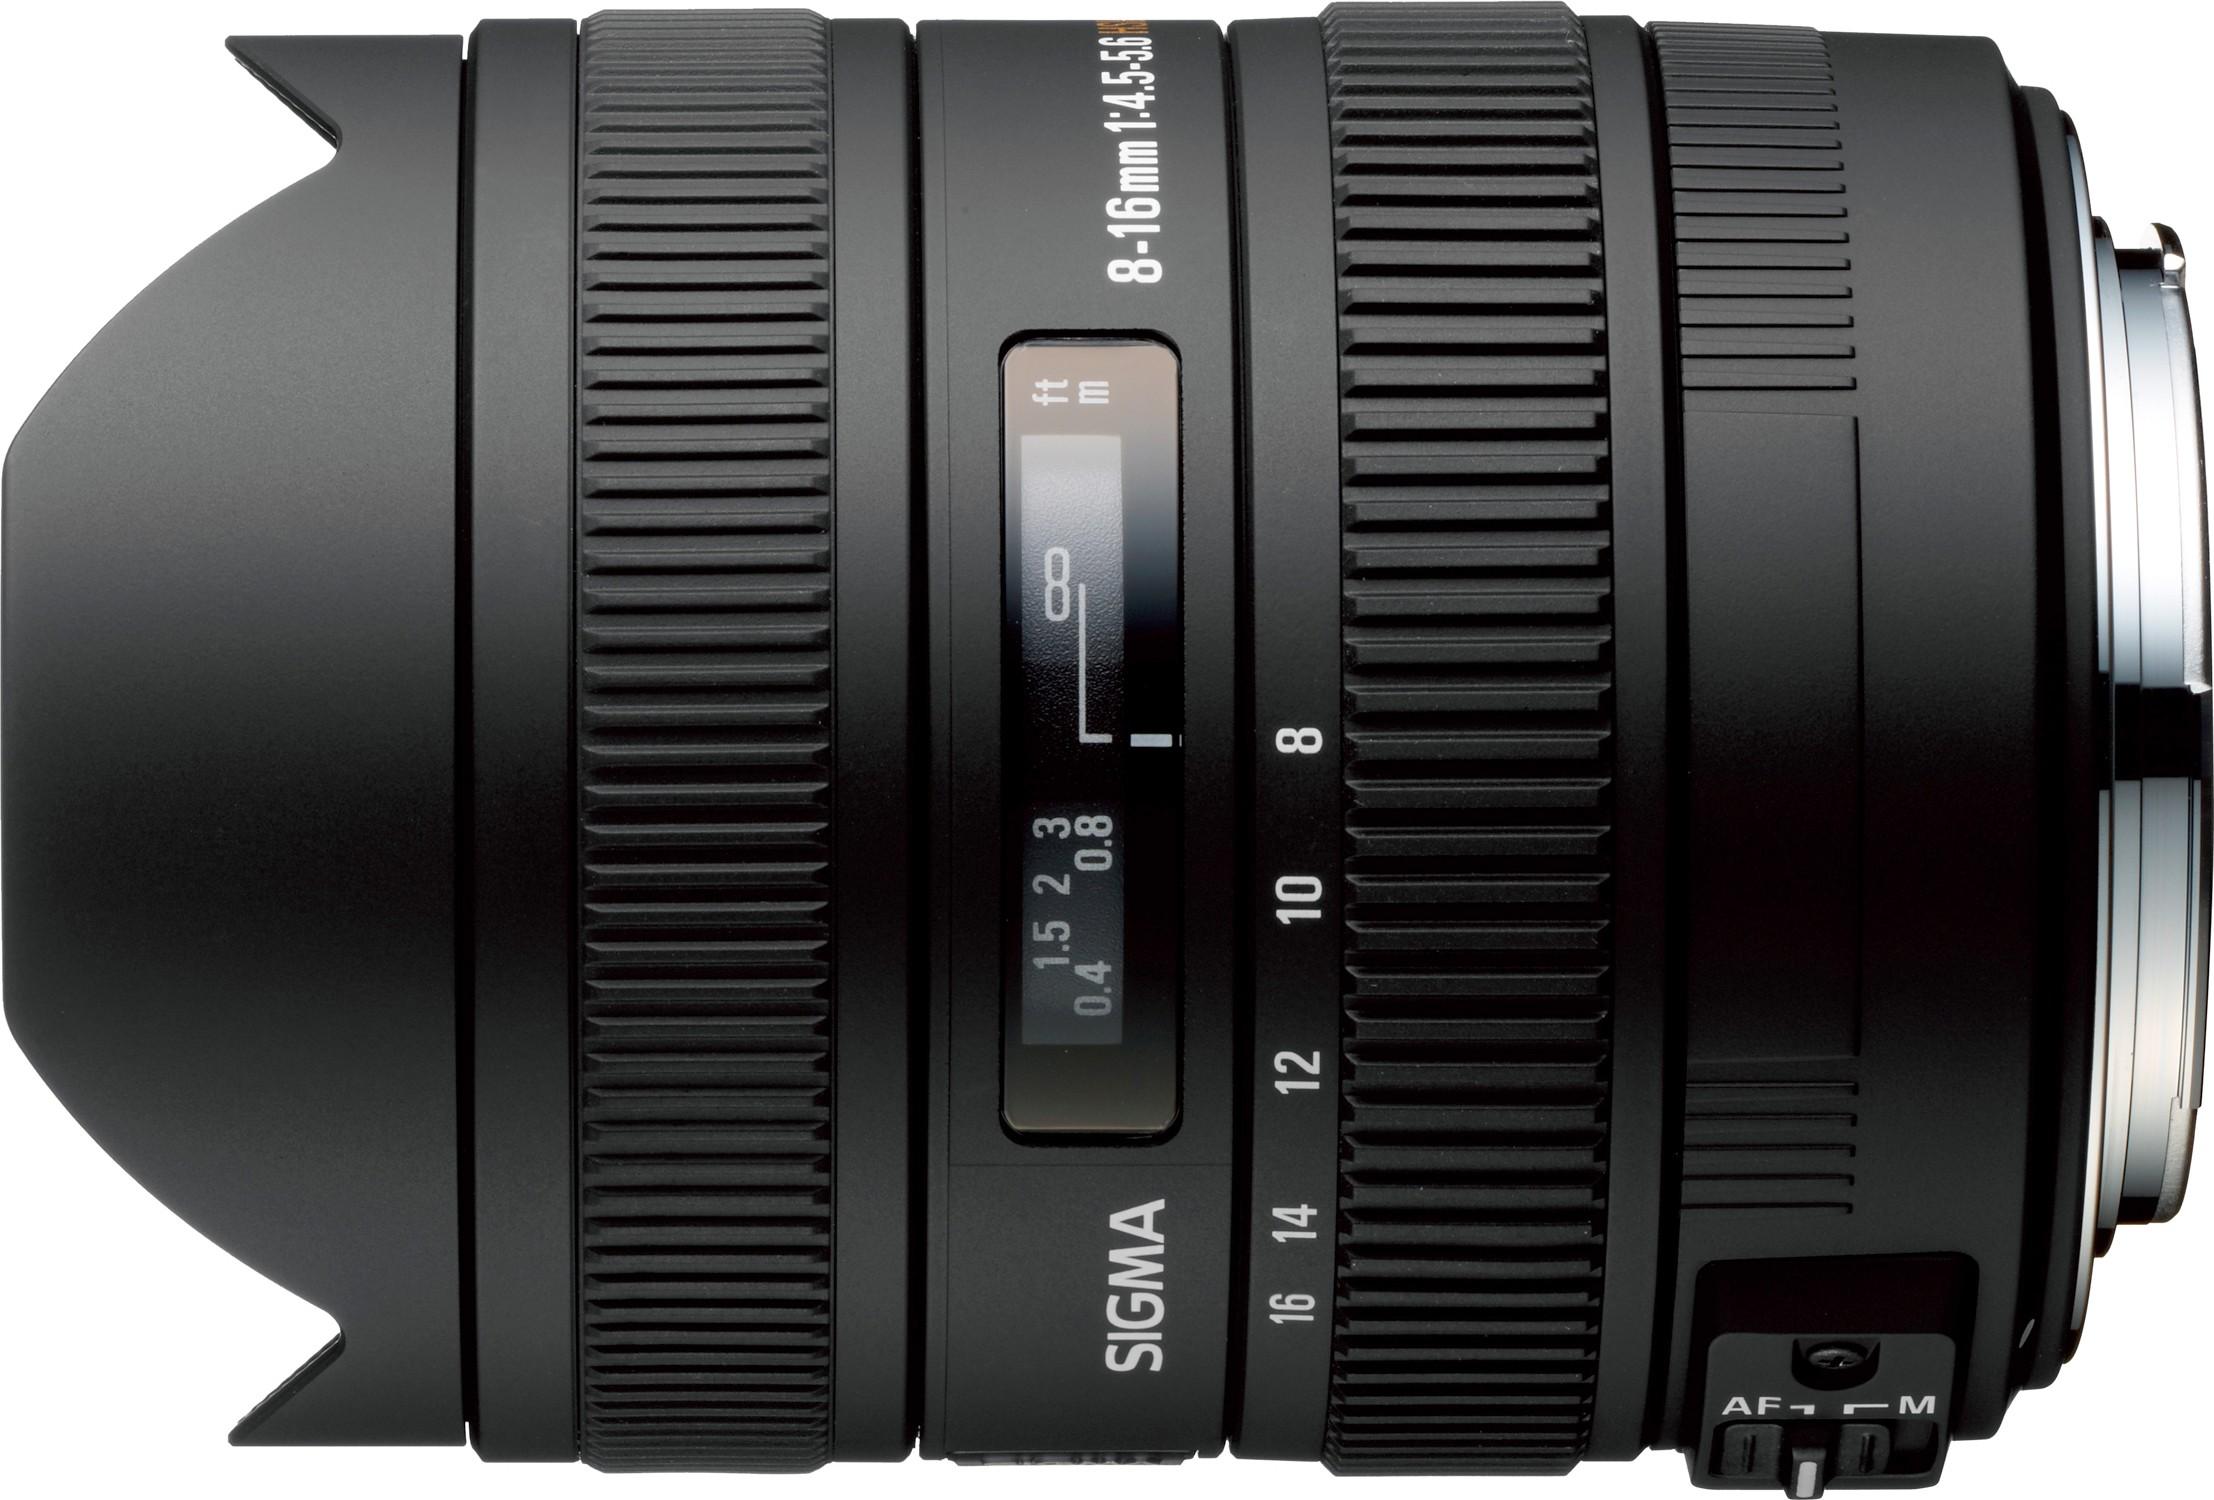 Sigma 8-16mm f/4.5-5.6 DC HSM objektiiv ..